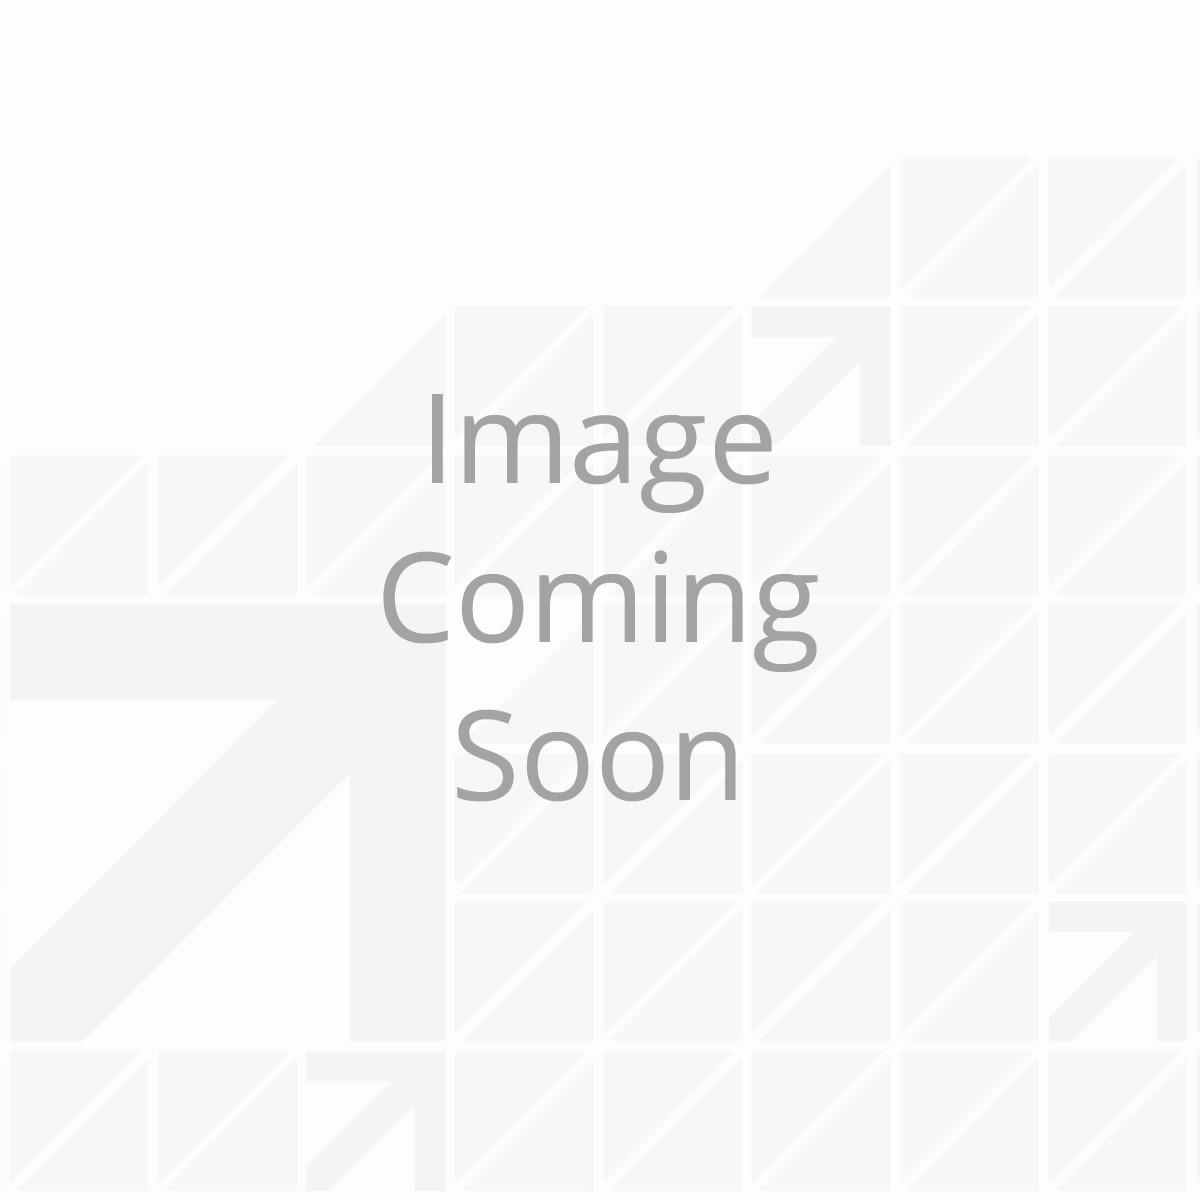 Motor Coupler for Steel Torque Shaft - D-Shape Cutout